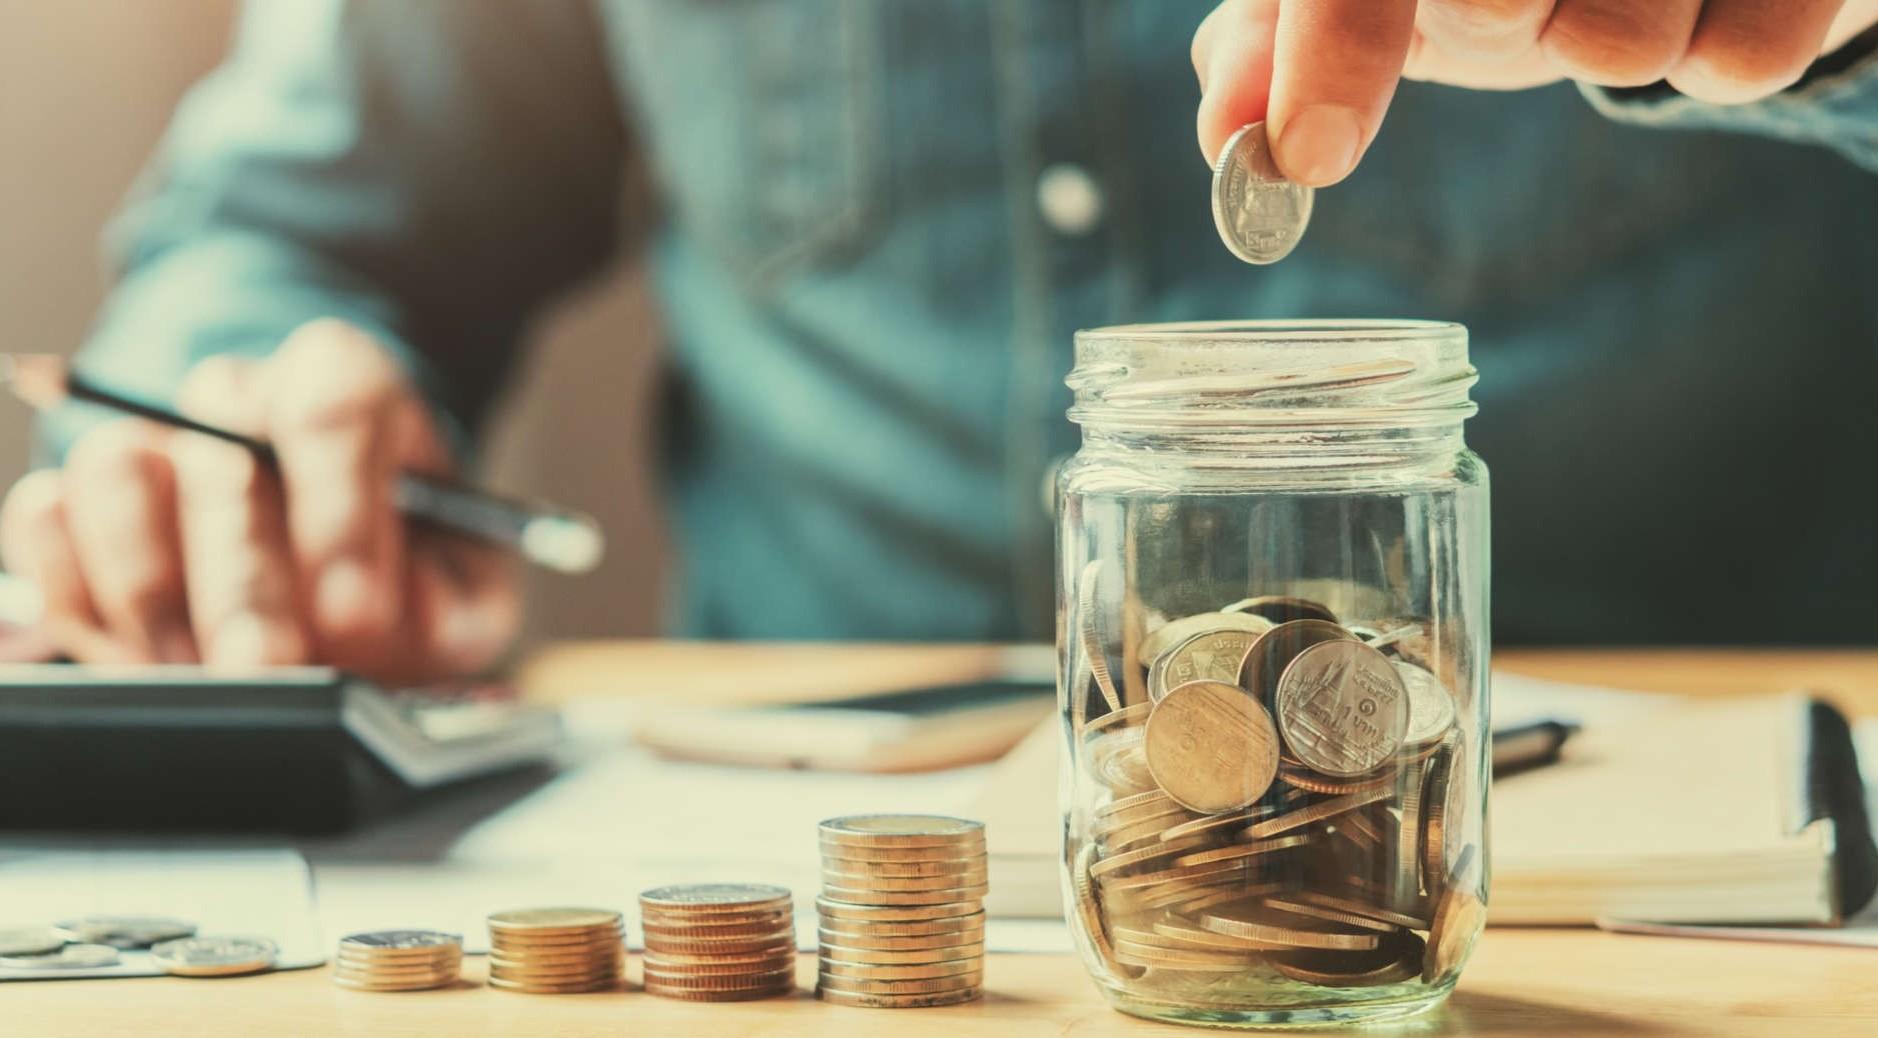 Controlli su conti correnti 2019 Agenzia